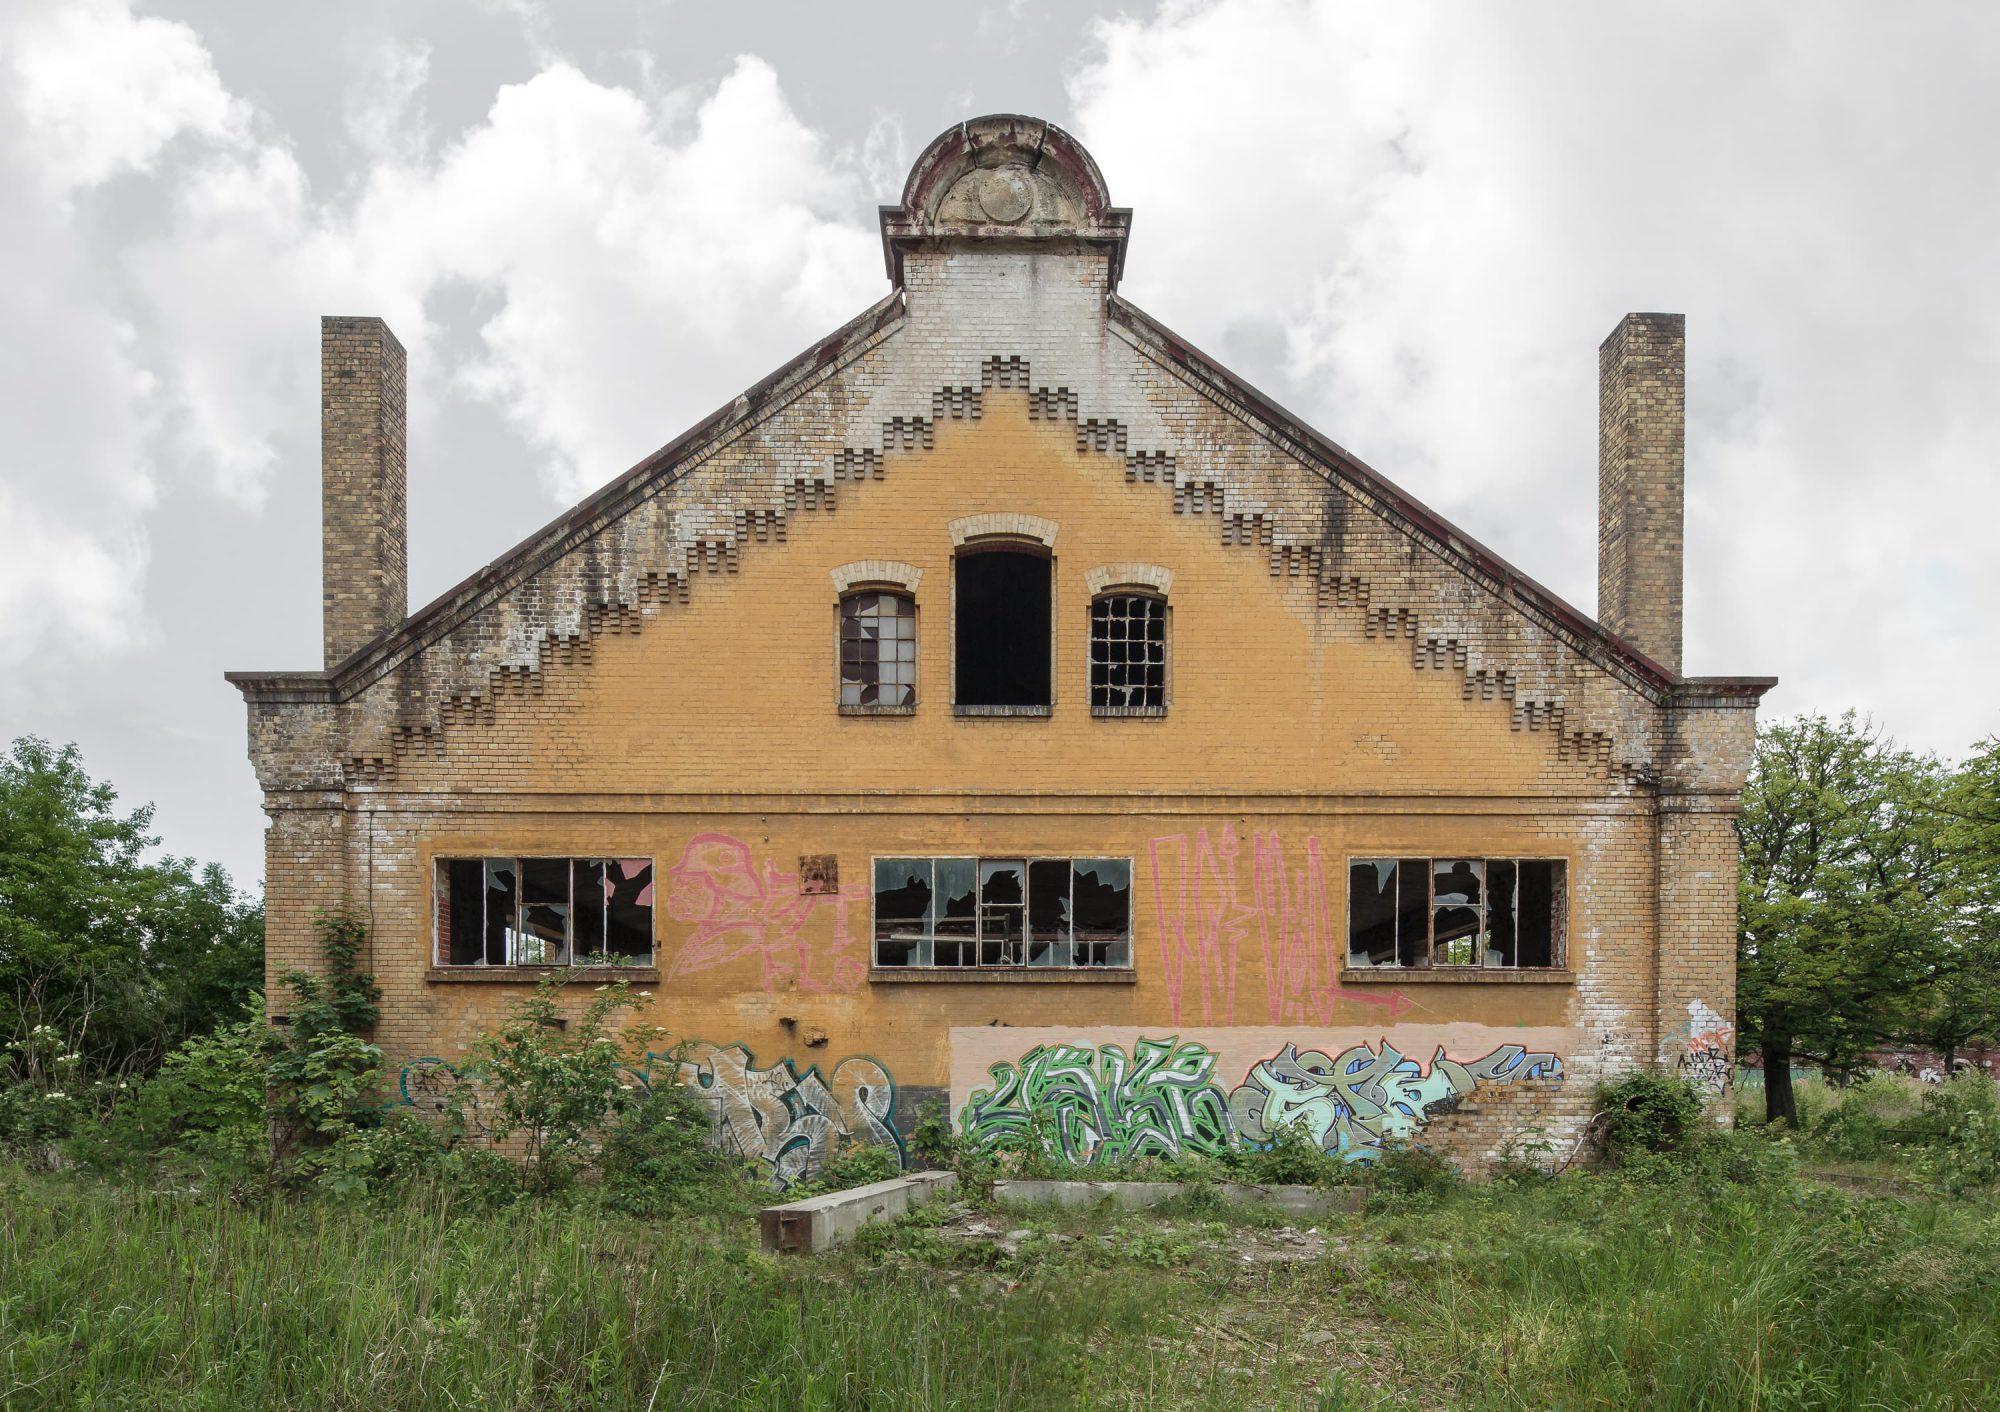 Regentaucher Architekturfotografie | Awaiting Leipzig